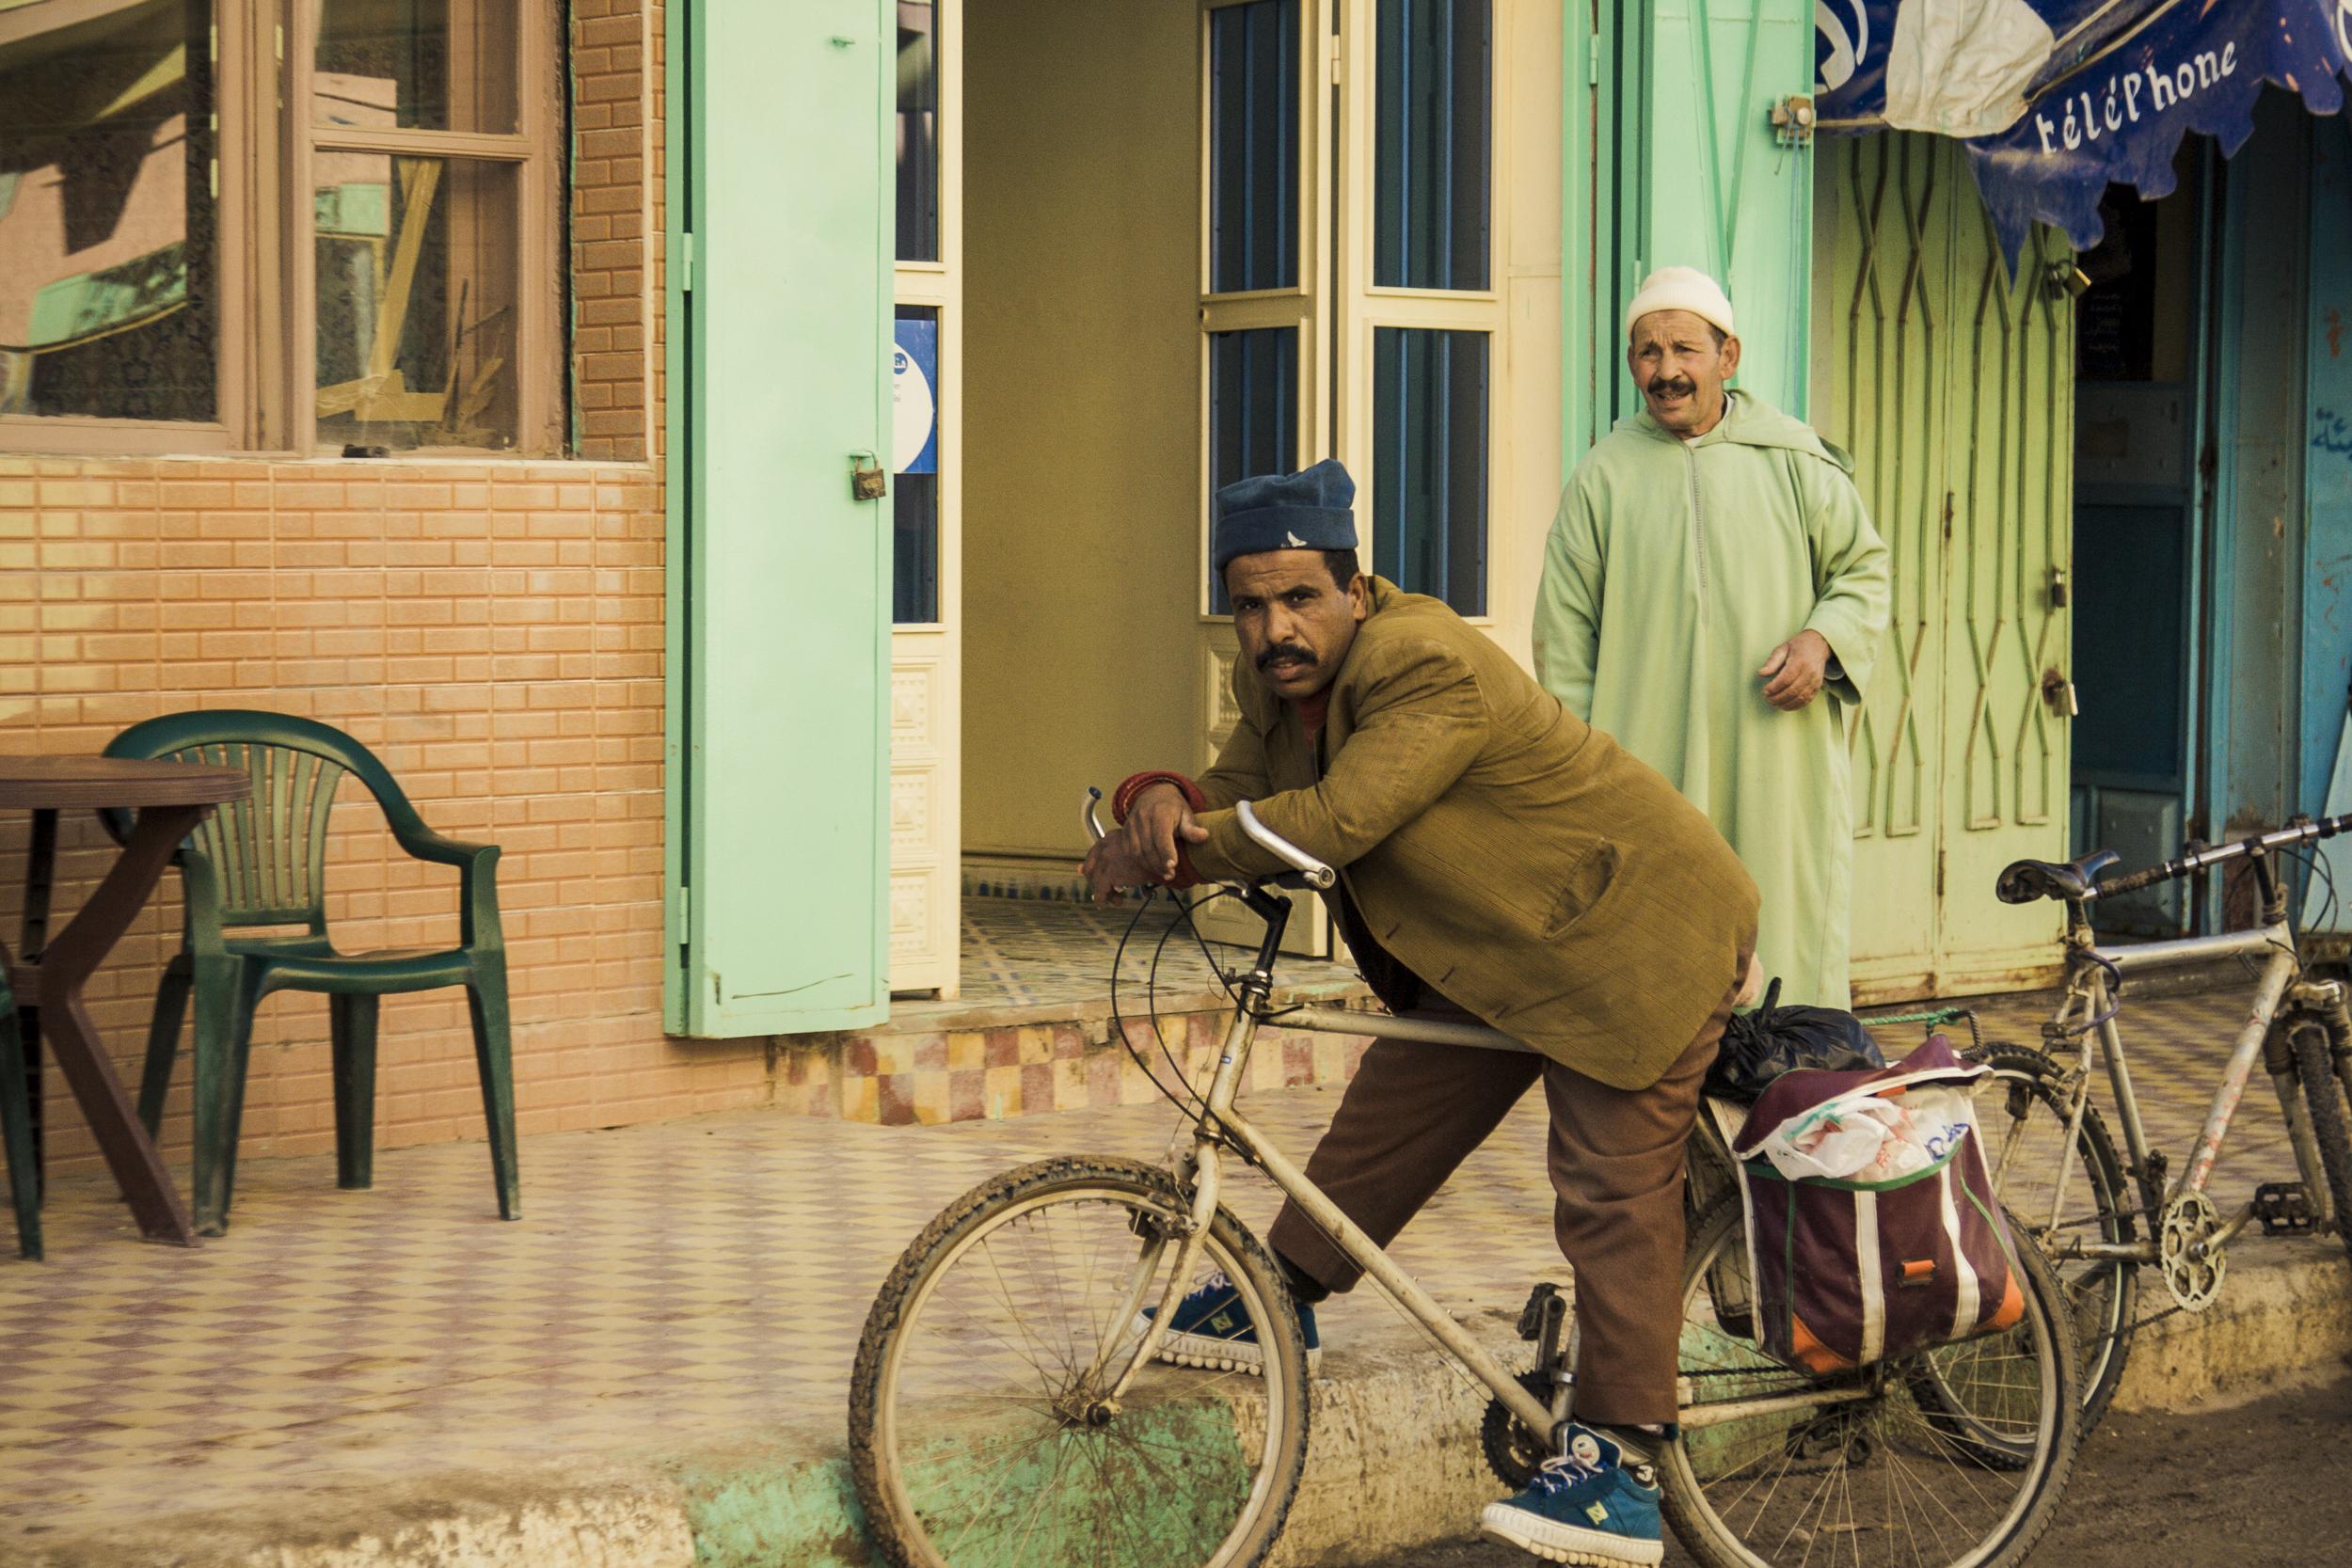 Vikk_Shayen_portfolio_Maroc-nov2008-0393.jpg